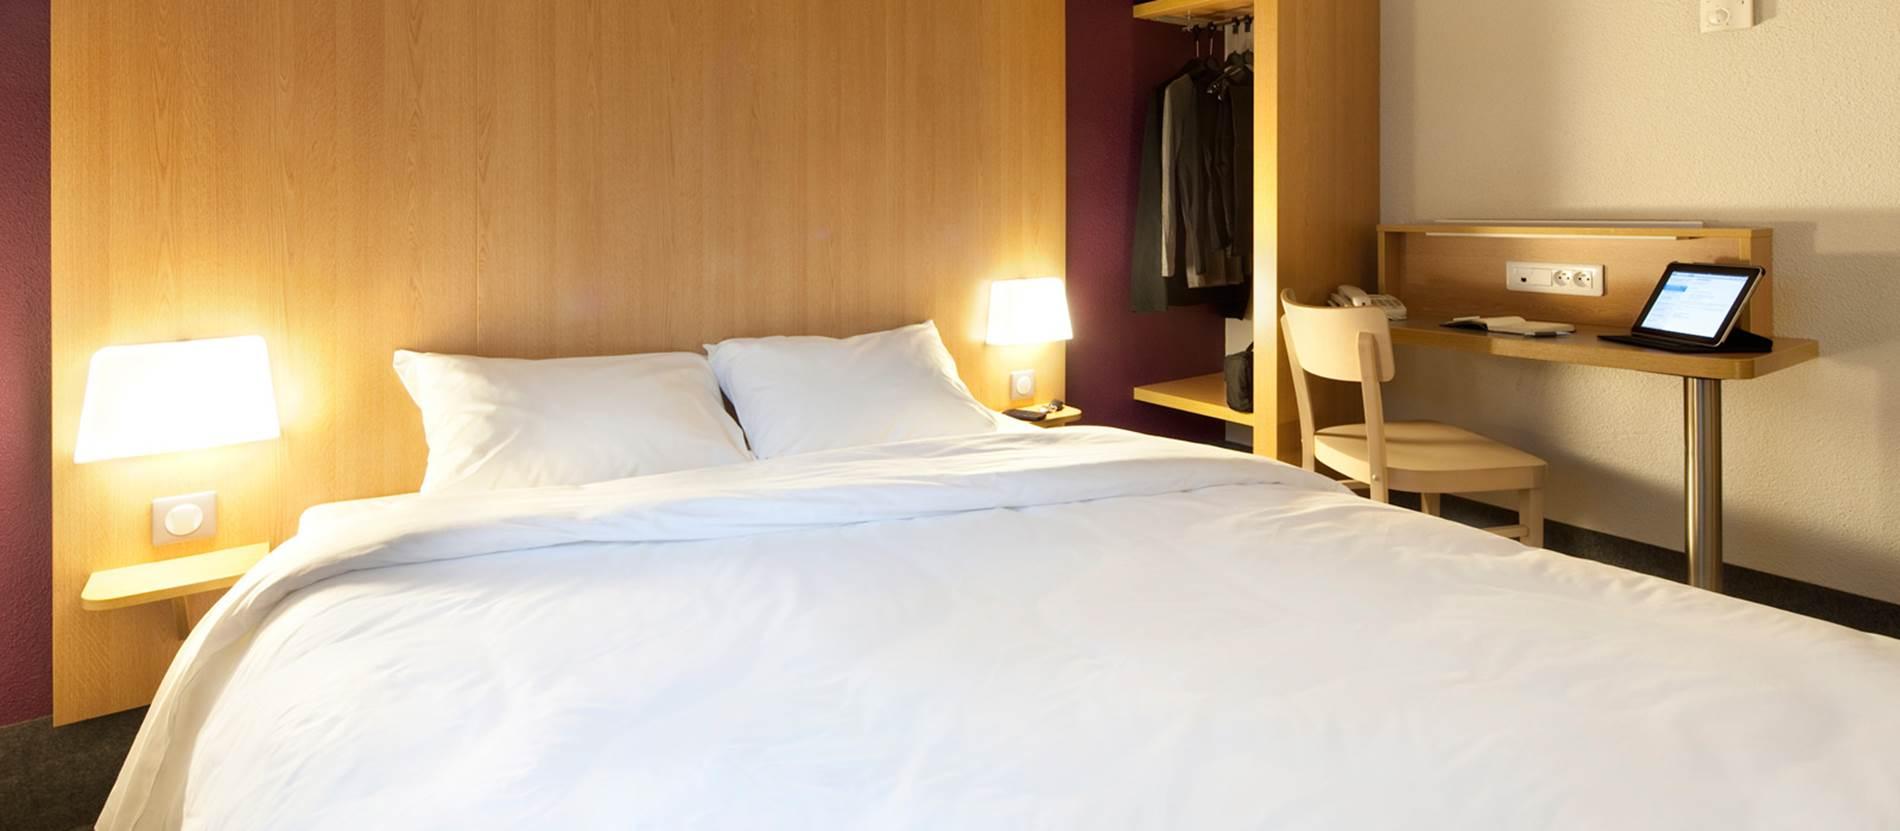 Hotel-B&B-Auray-Morbihan-Bretagne-Sud © Hotel-B&B-Auray